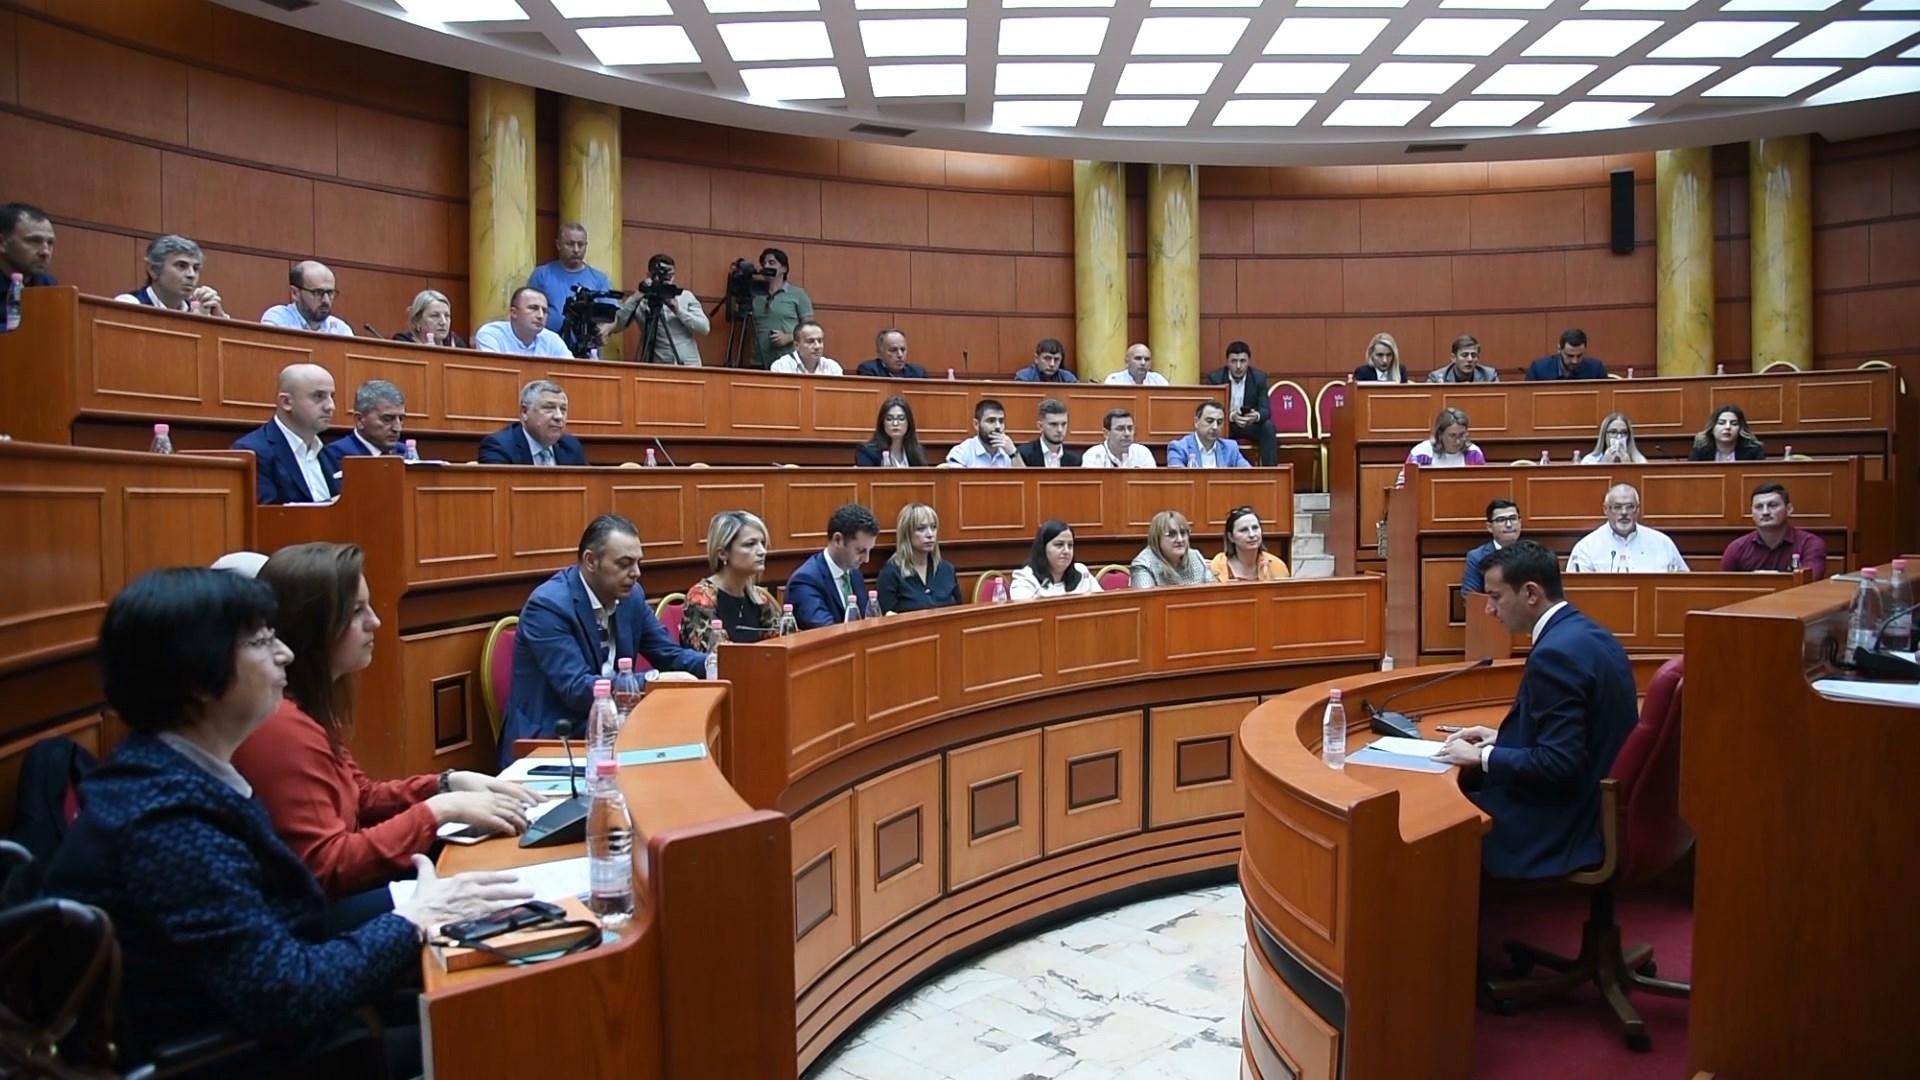 Zhvilluesit në Tiranë do të japin 3% të pronës për strehim social